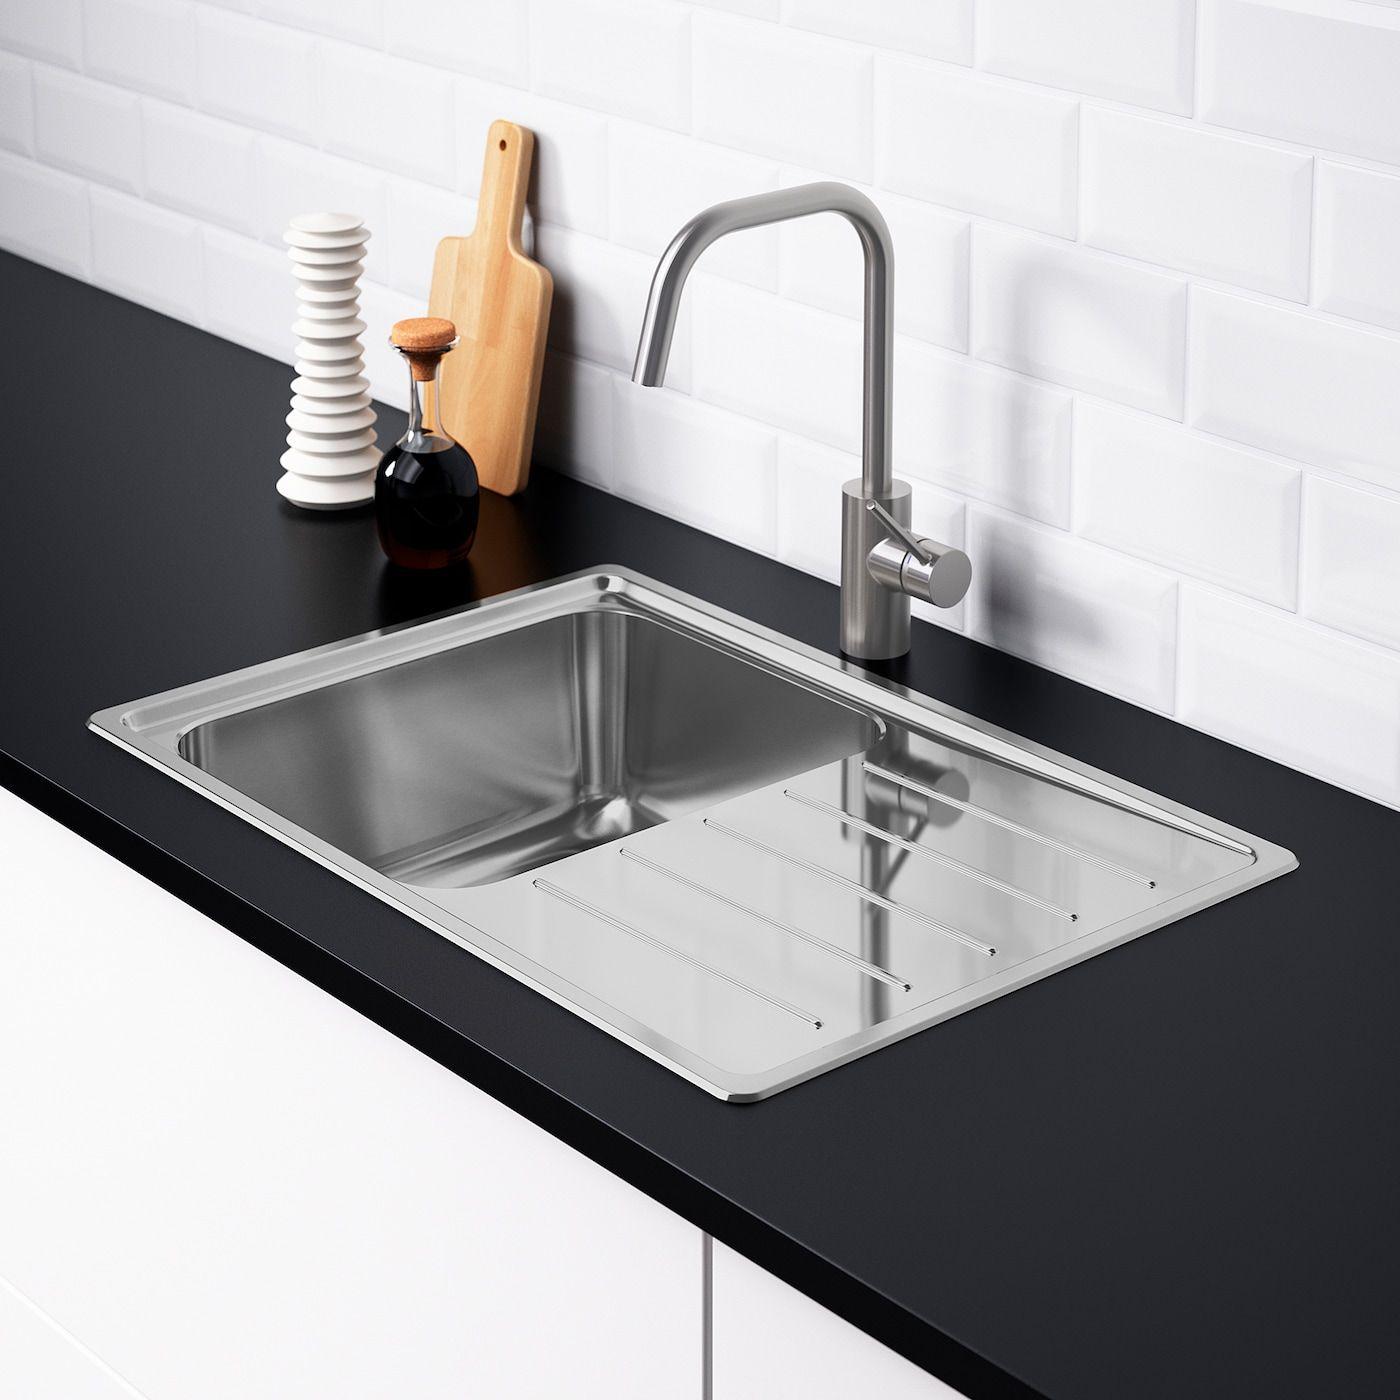 vattudalen single bowl top mount sink